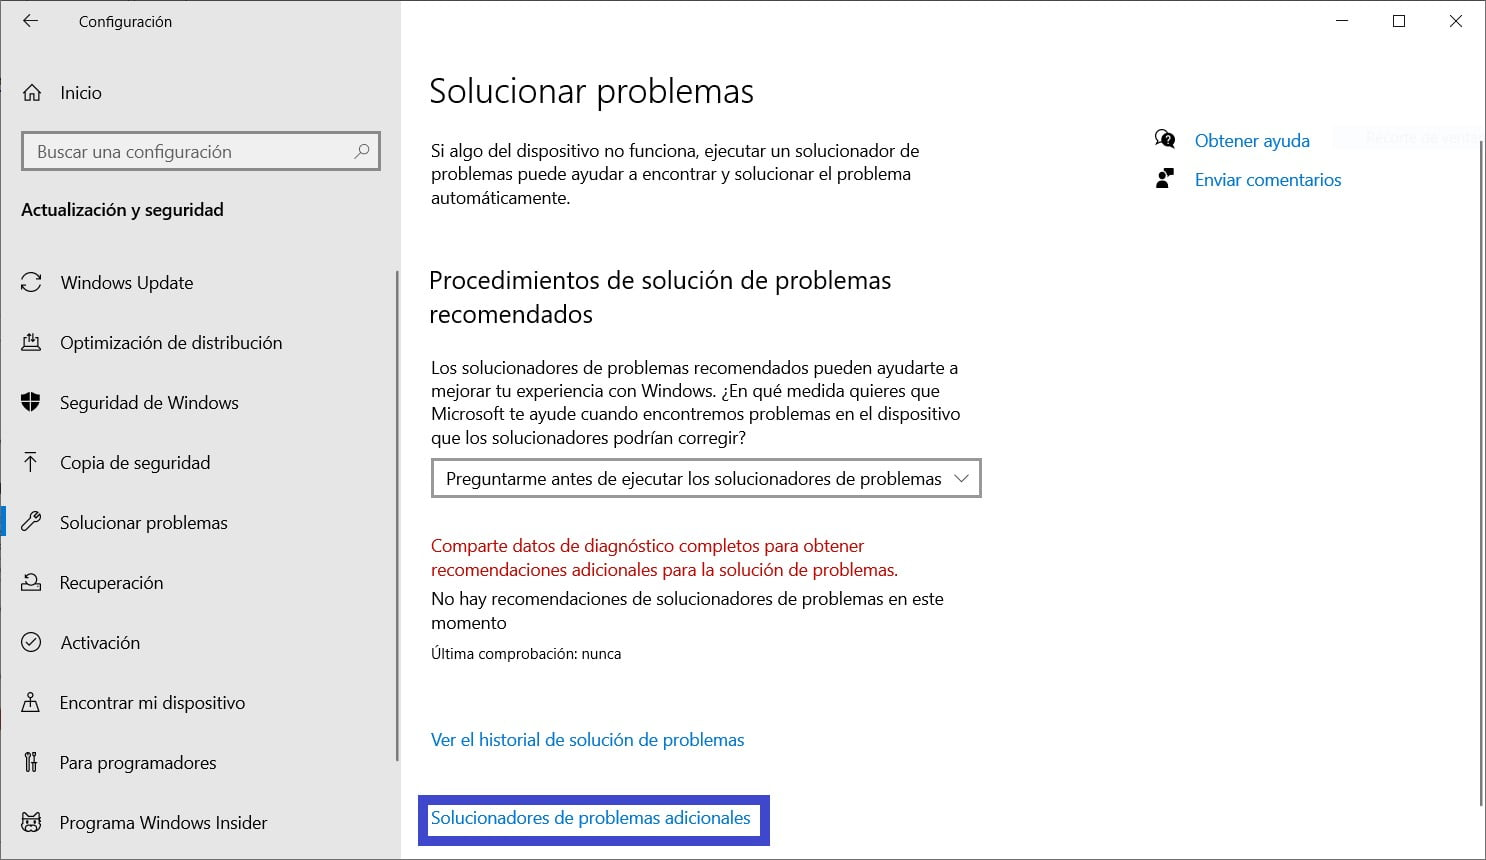 Acceso a solucionadores de problemas de Windows 10